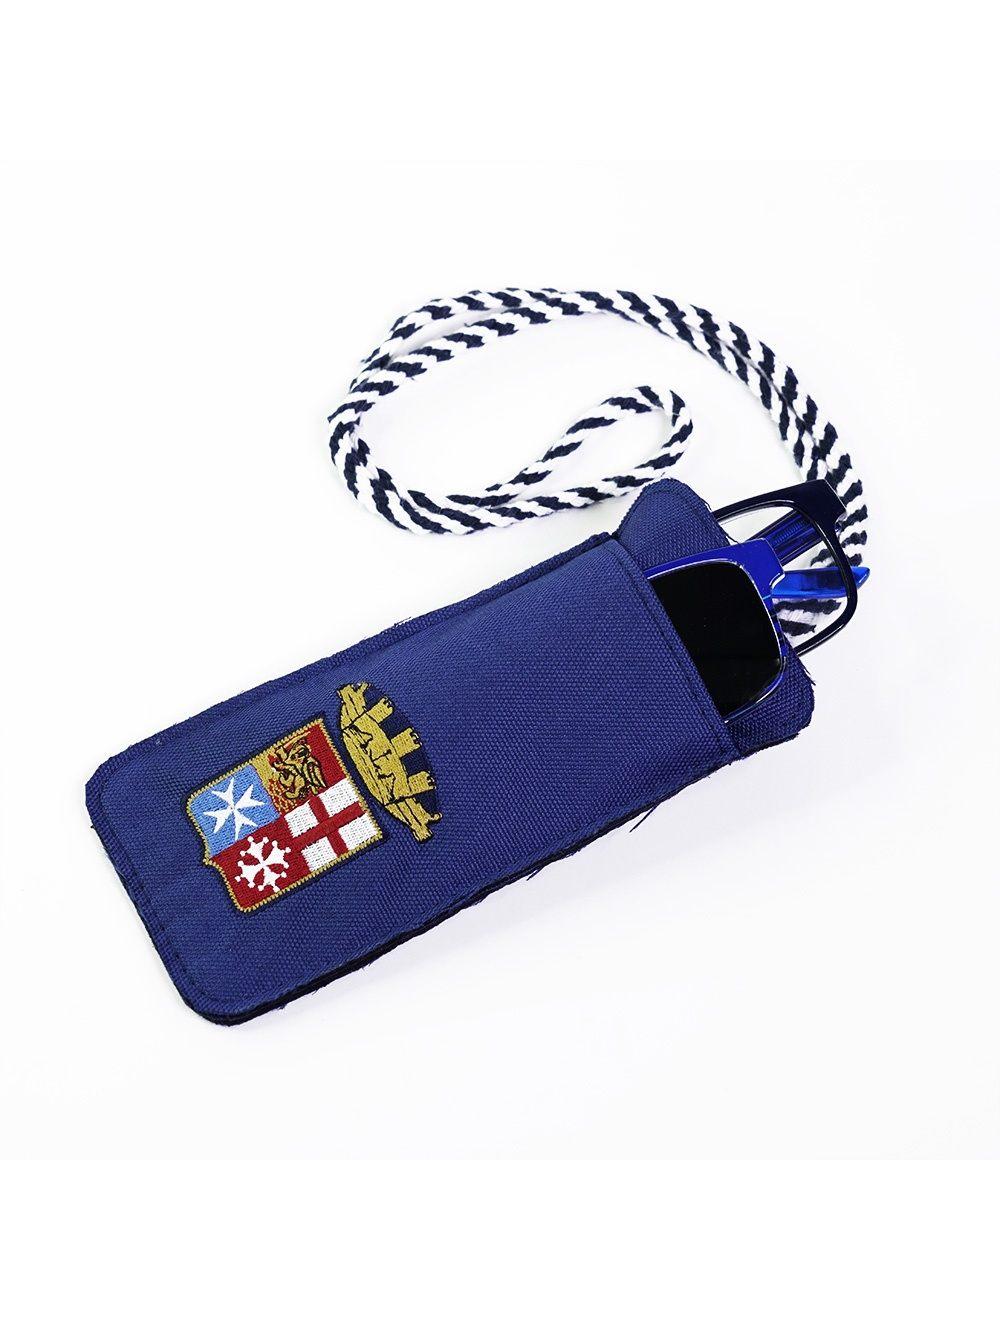 Occhiali da sole graduati Marina Militare 1,0 - Blu Oceano